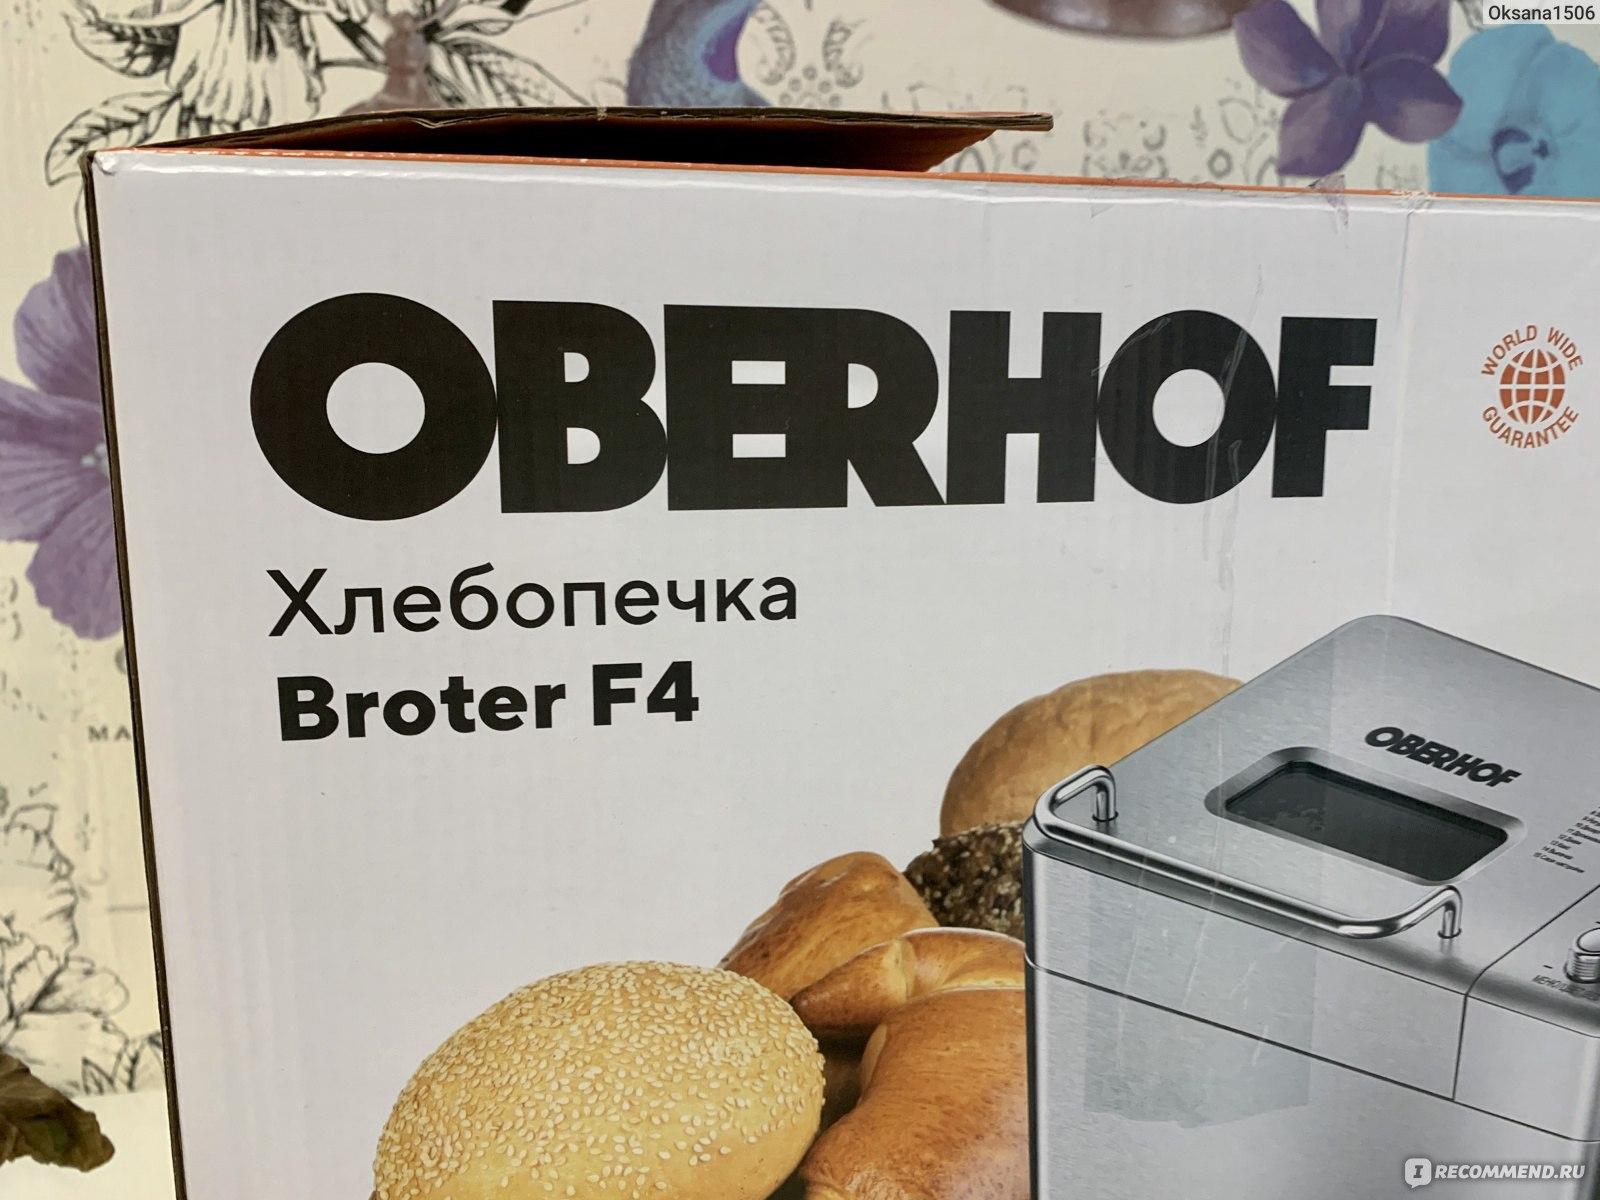 хлебопечка oberhof brother f4 купить